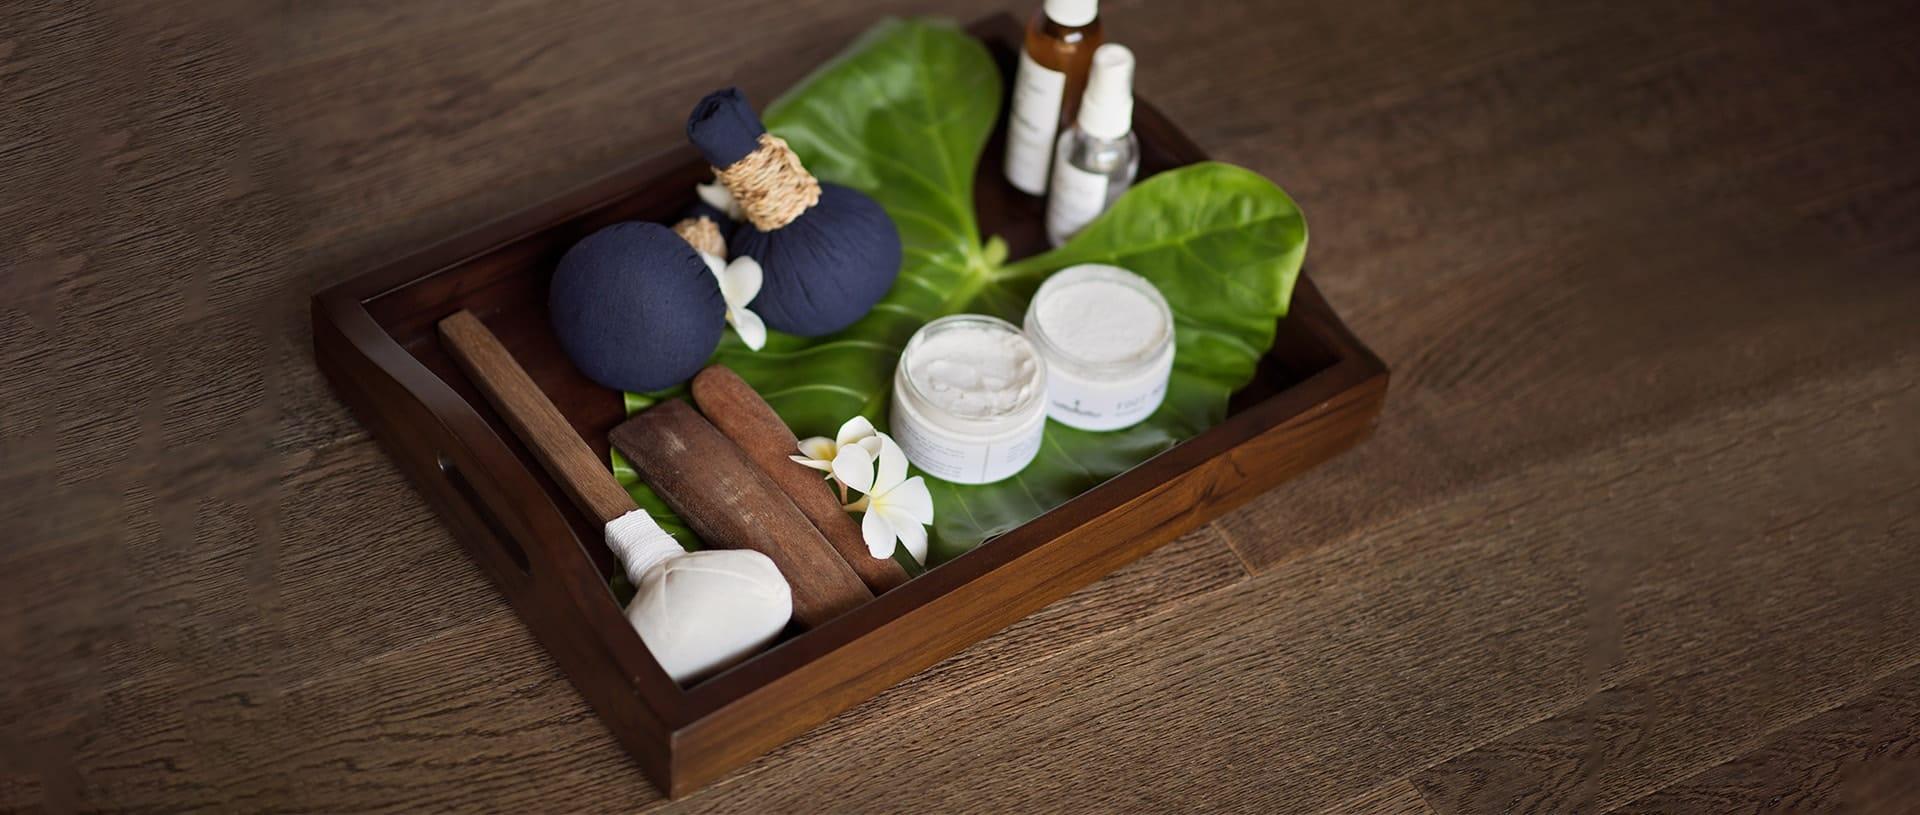 Fushi Manicure Spa Treatment